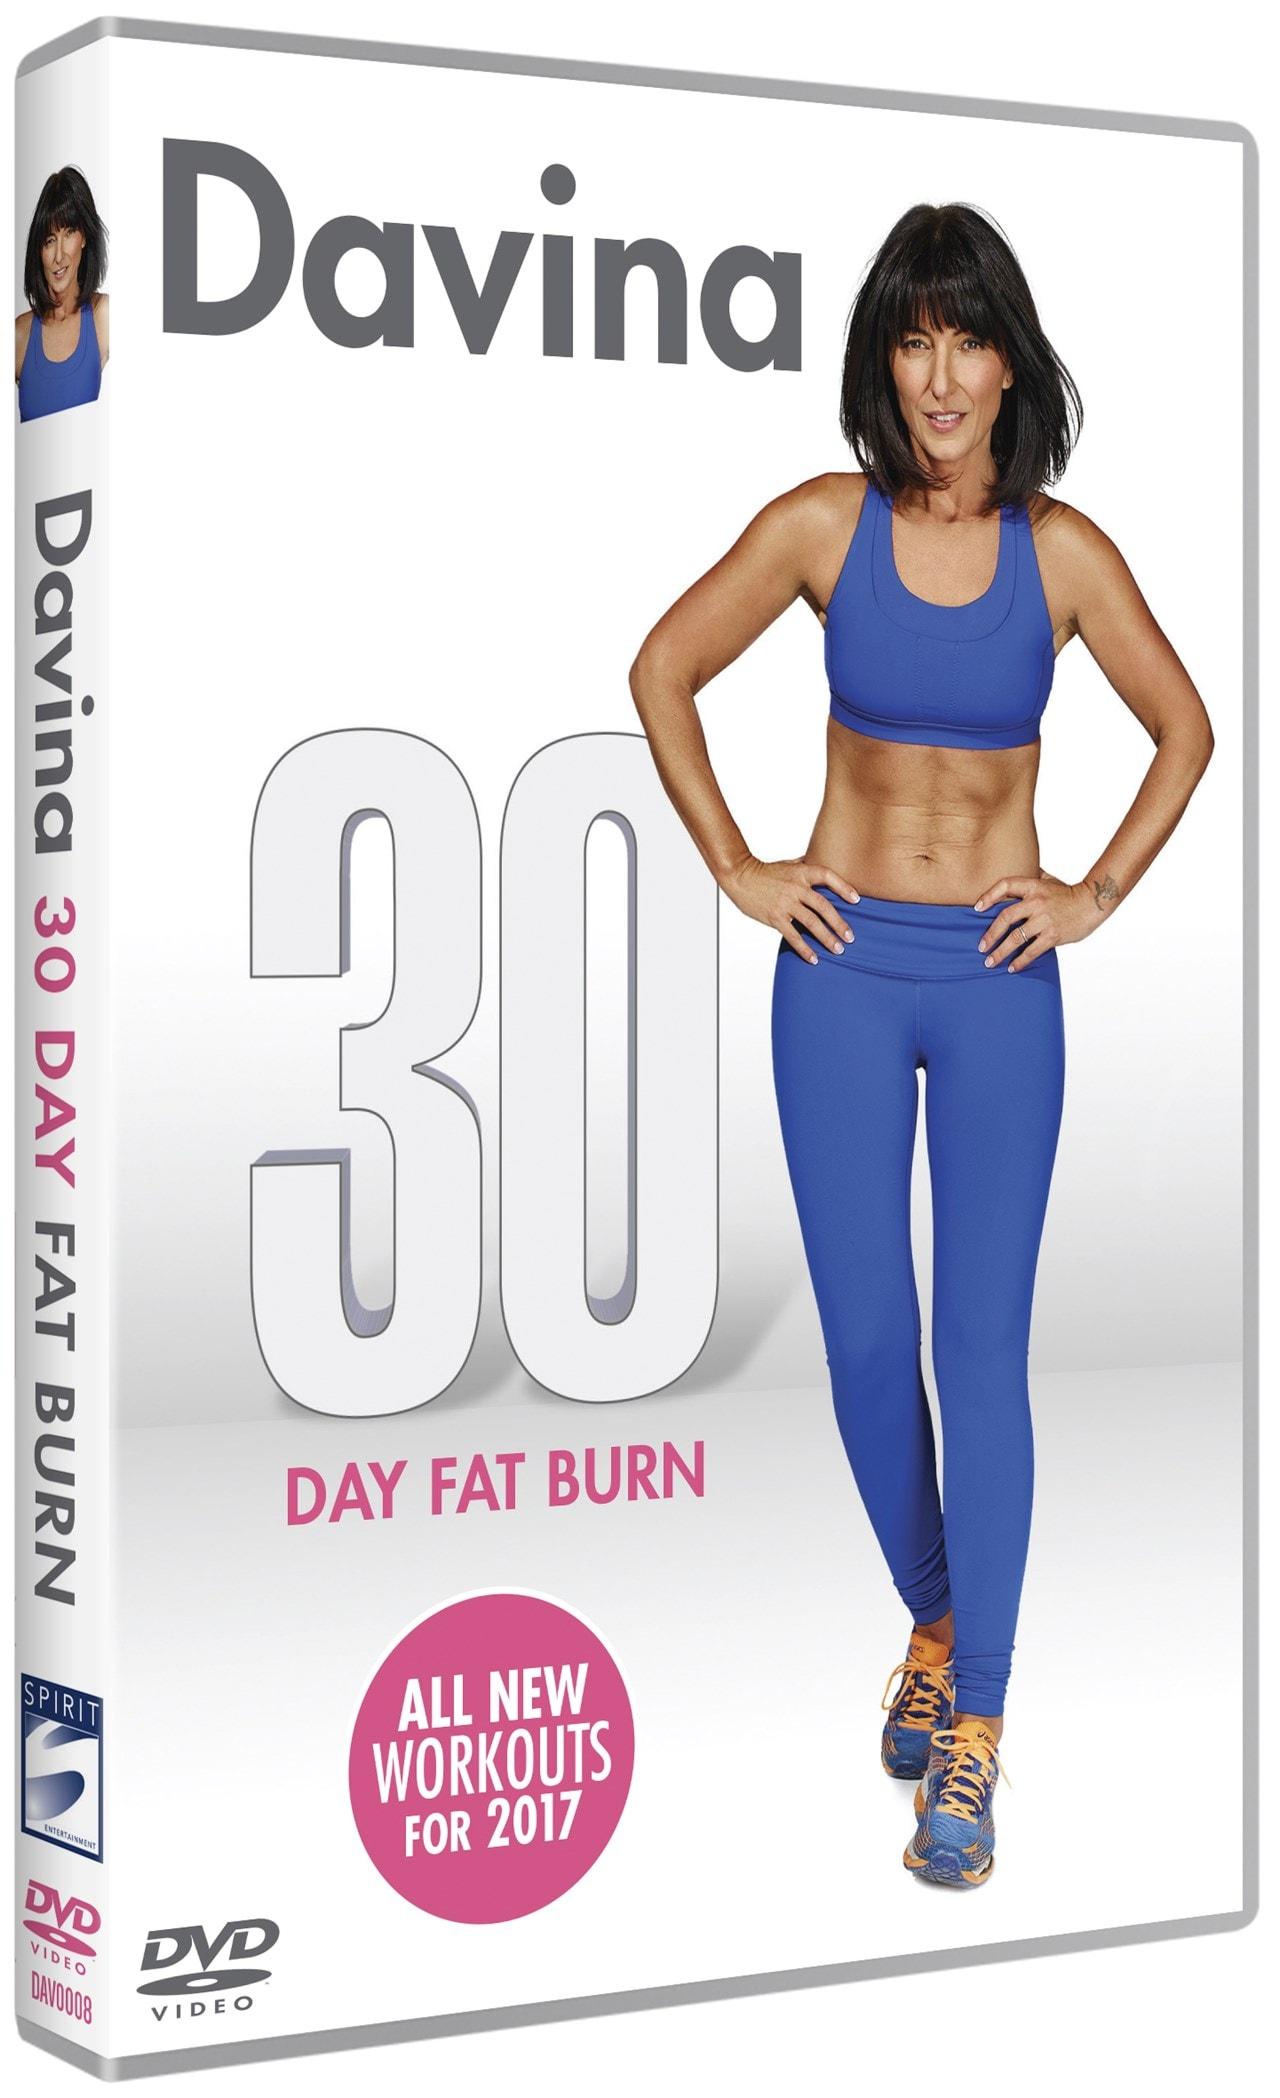 Davina: 30 Day Fat Burn - 2